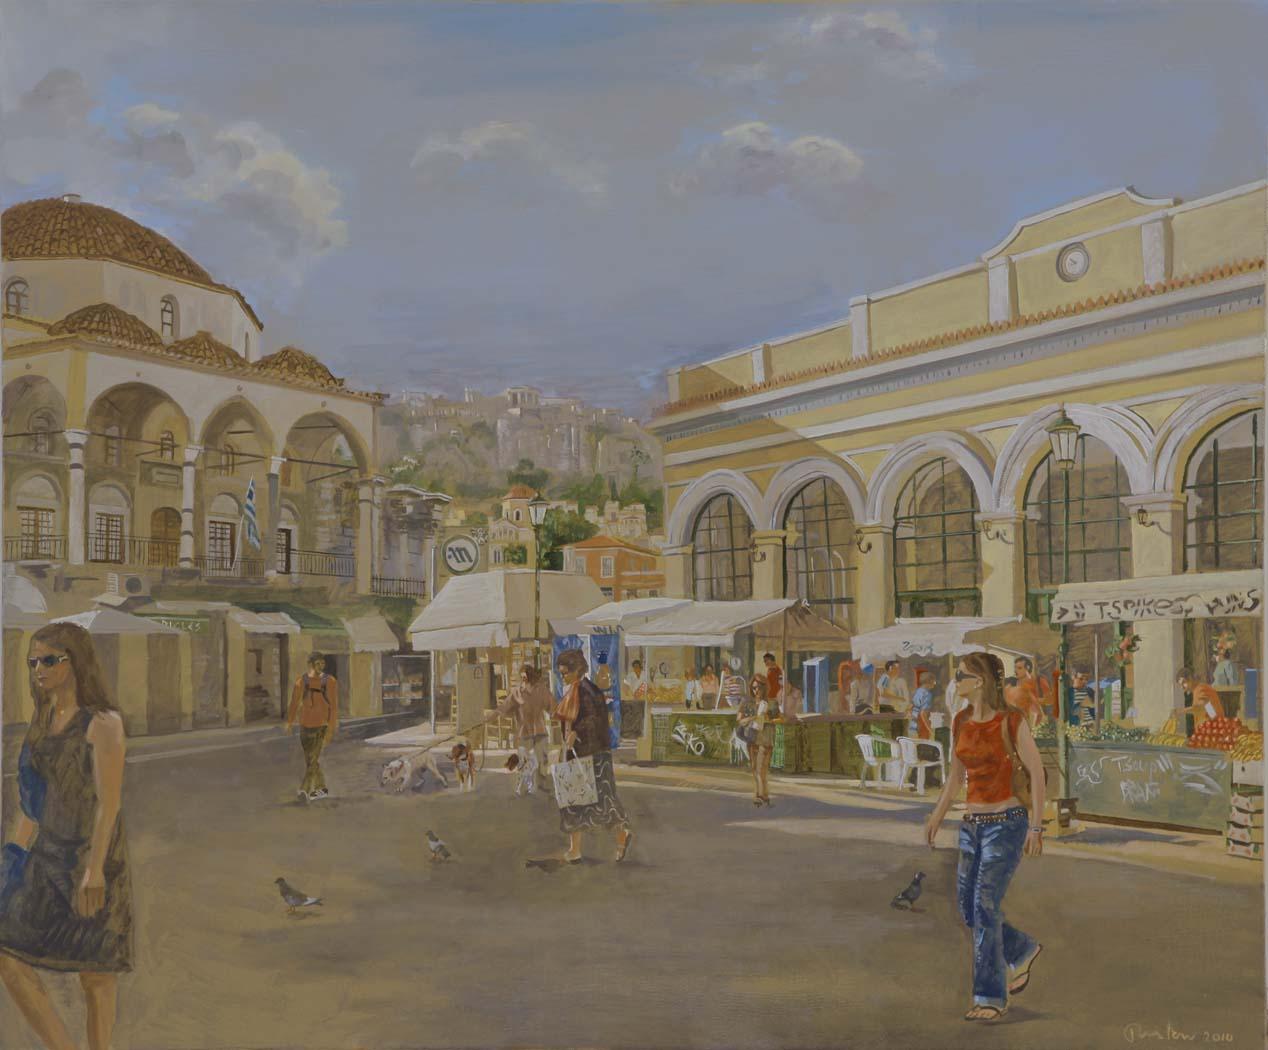 monastiraki  2010  oil on canvas